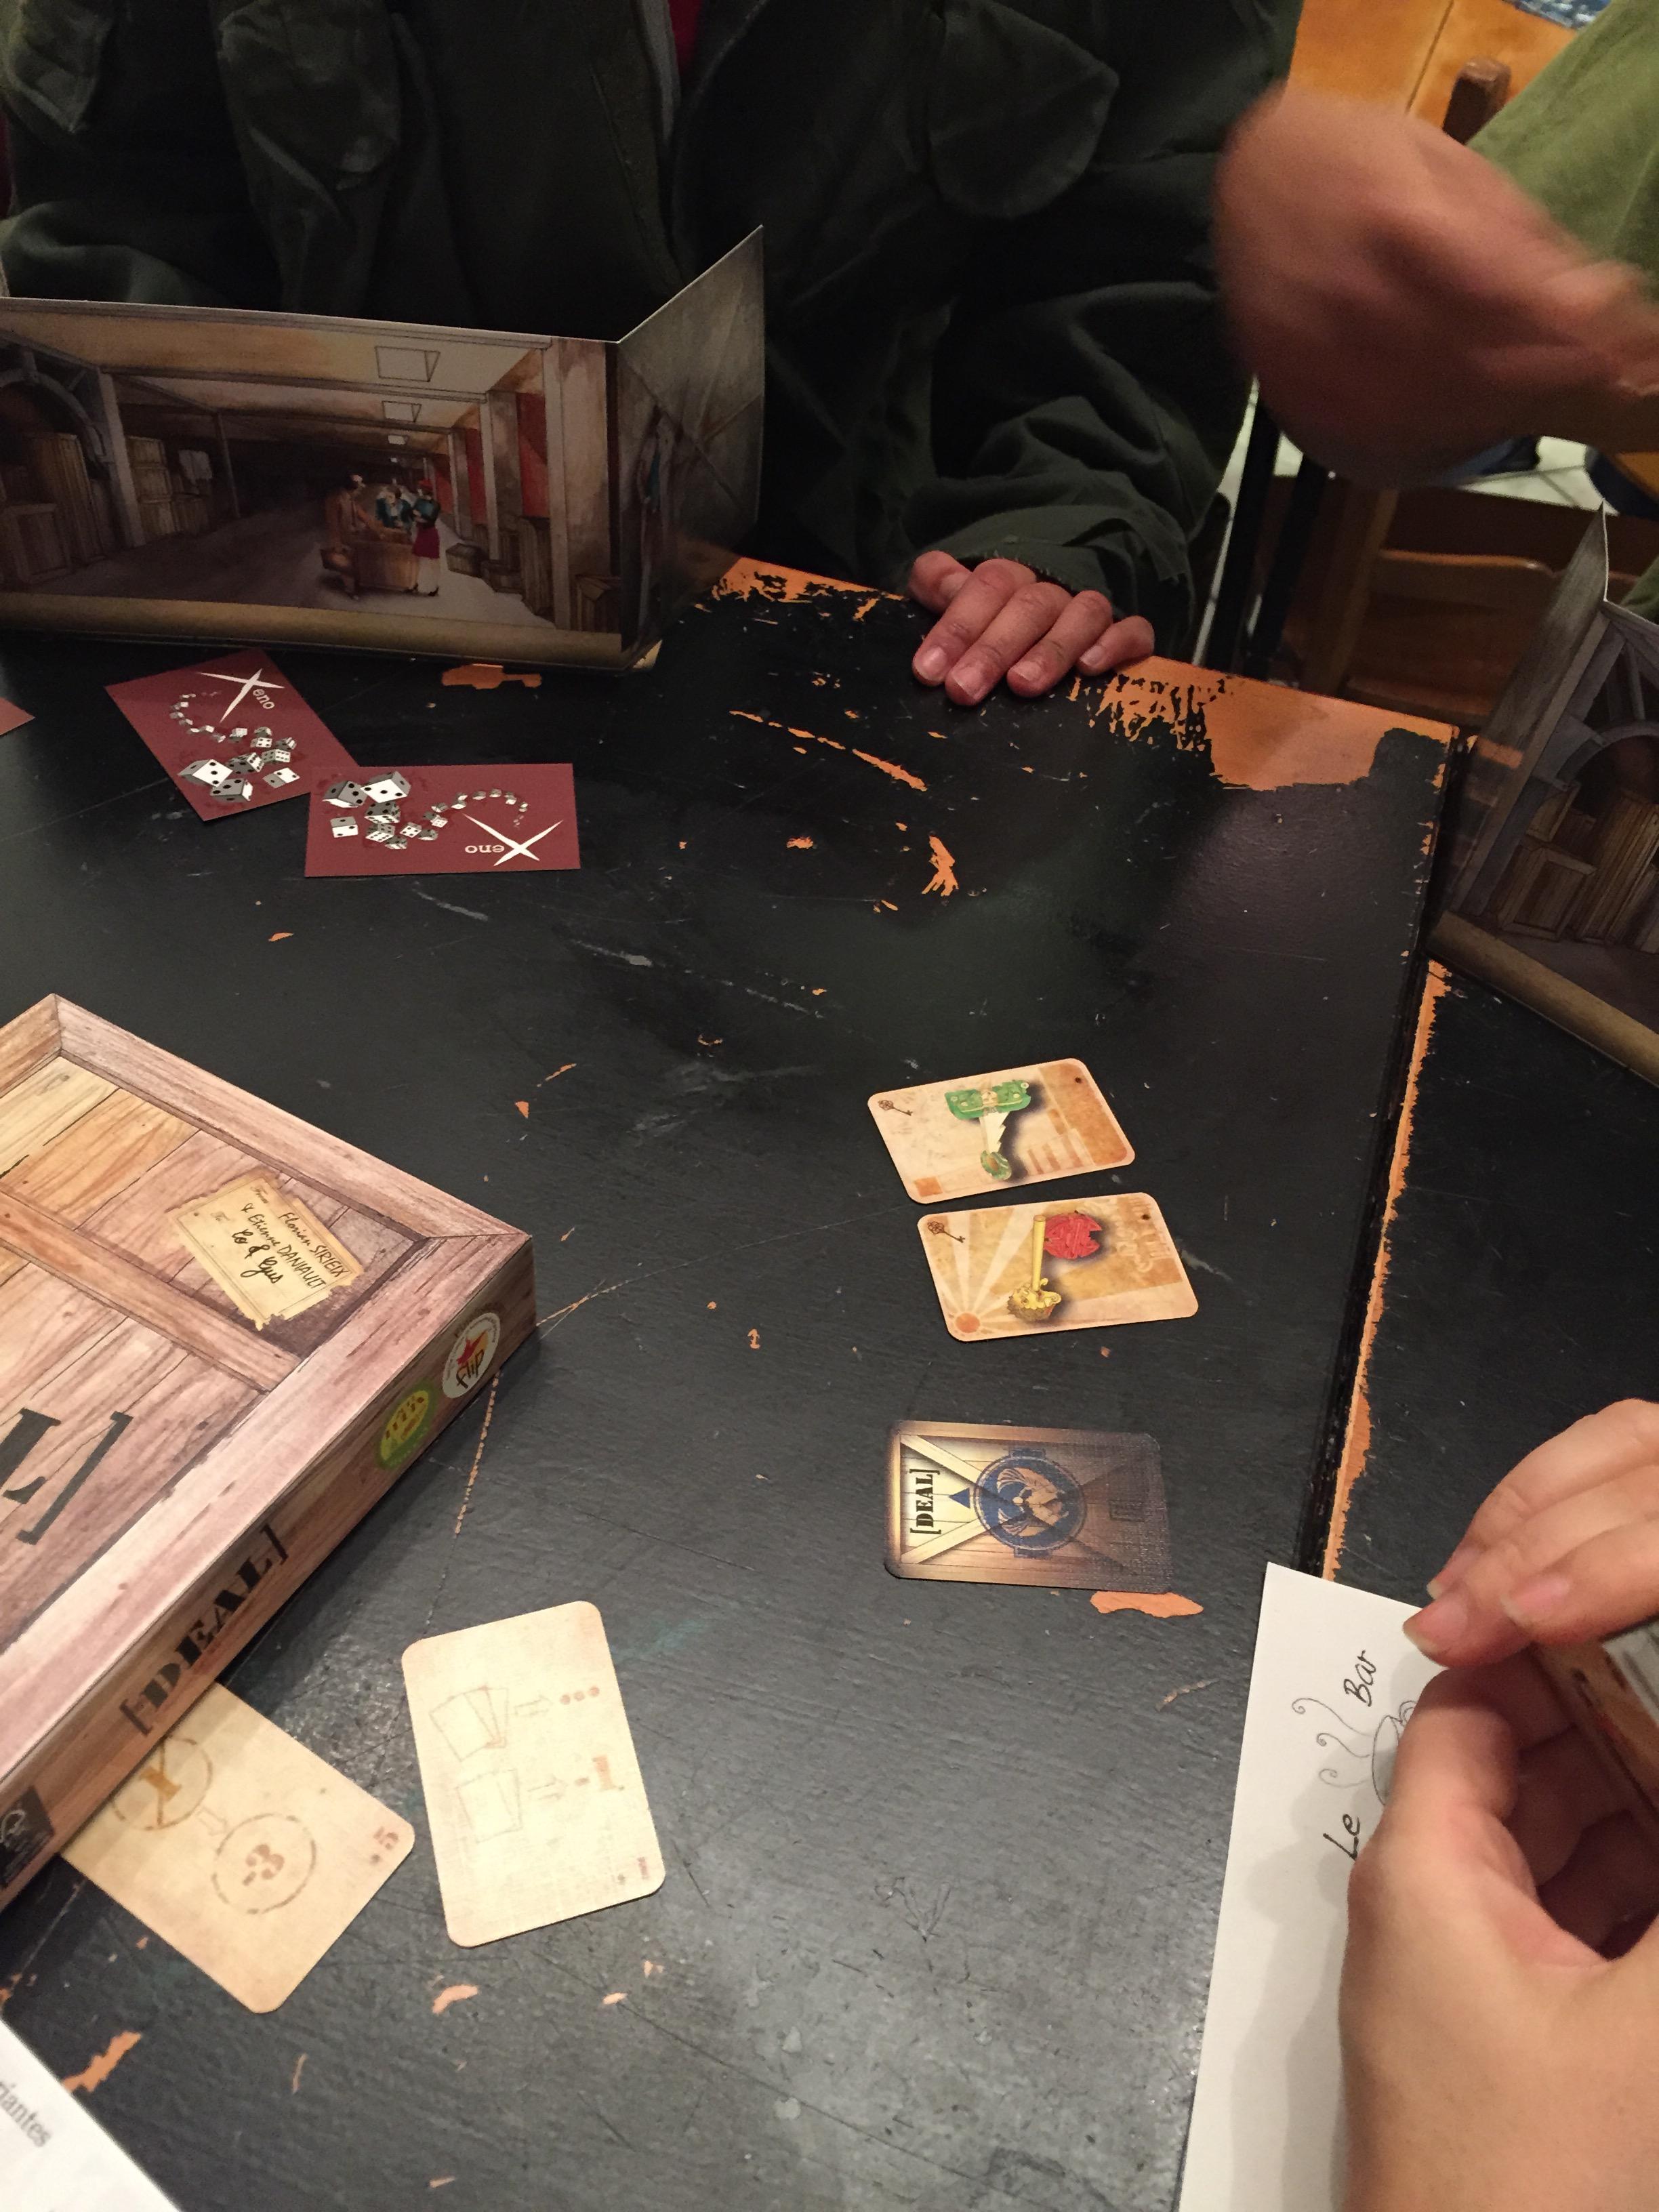 Deal, un excellent jeu à 2-3 joueurs